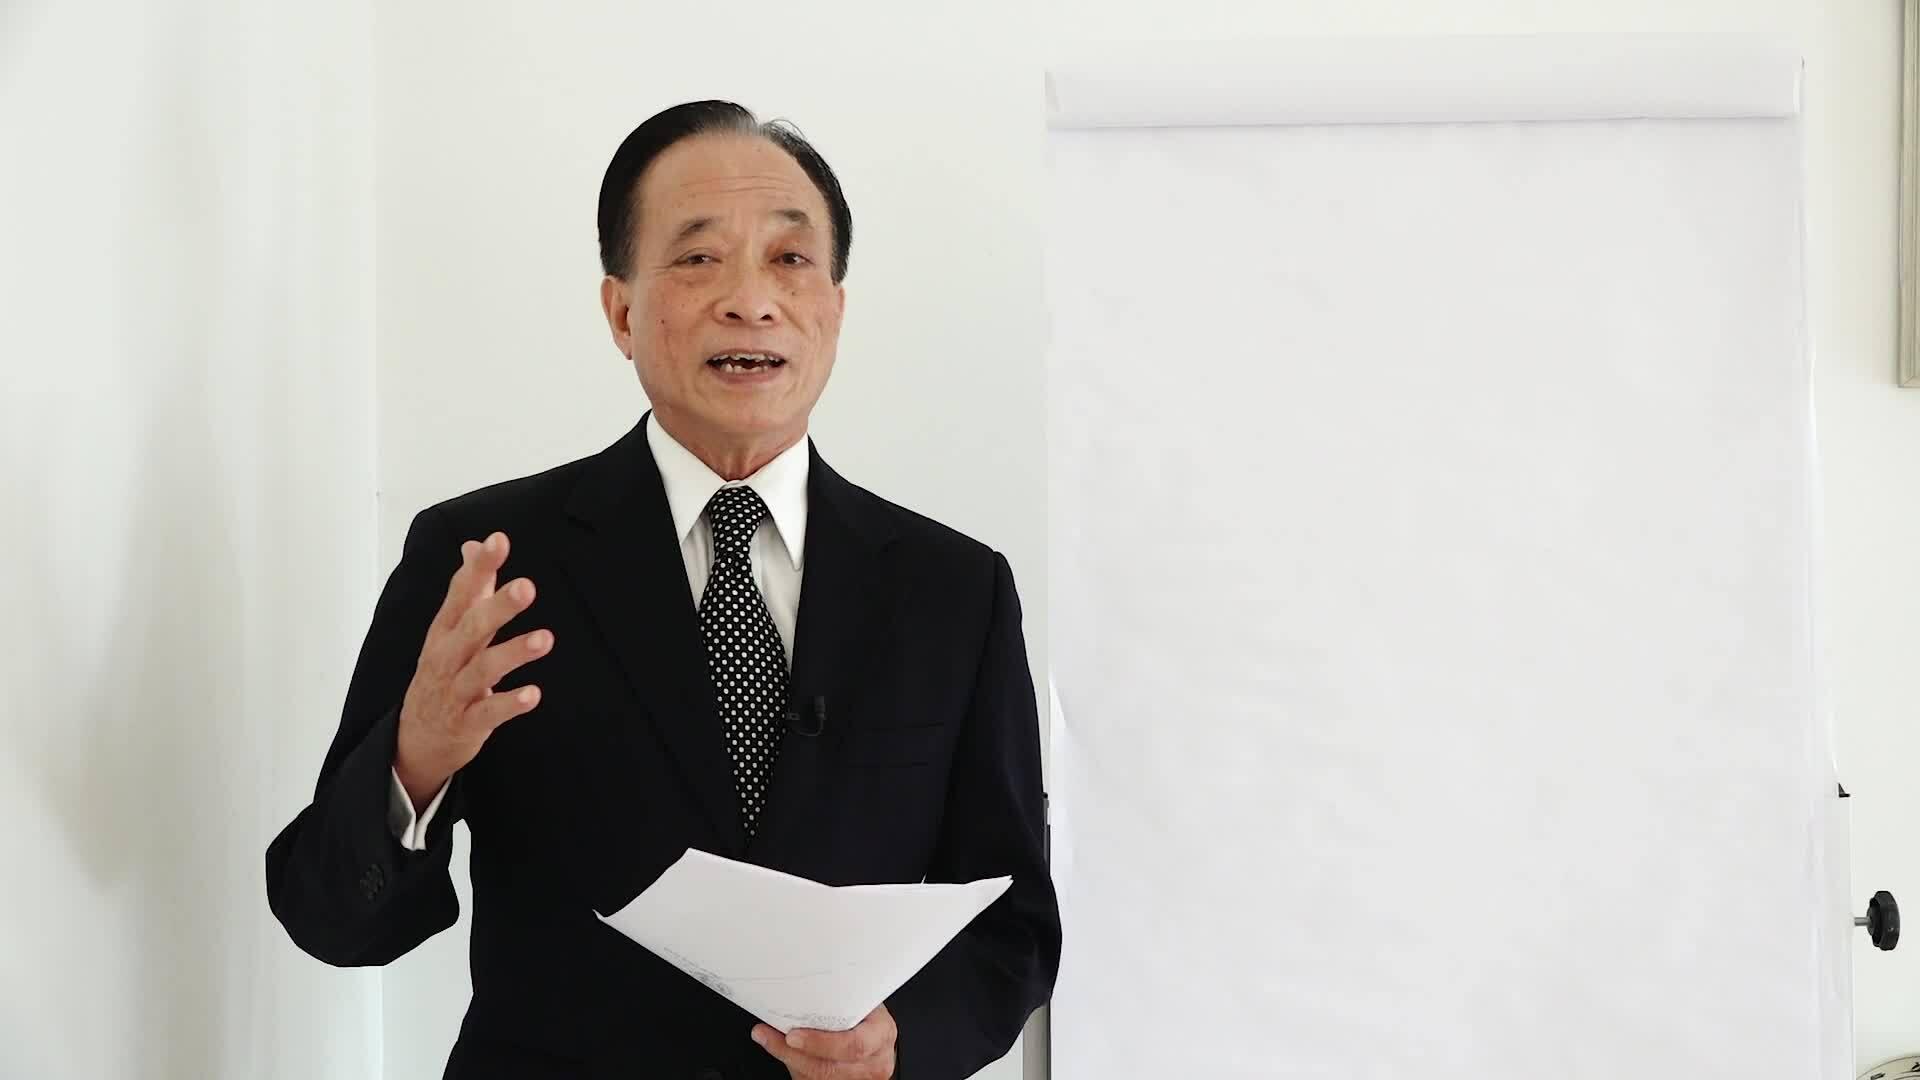 Tiến sĩ Nguyễn Trí Hiếu tư vấn cách lập kế hoạch đầu tư